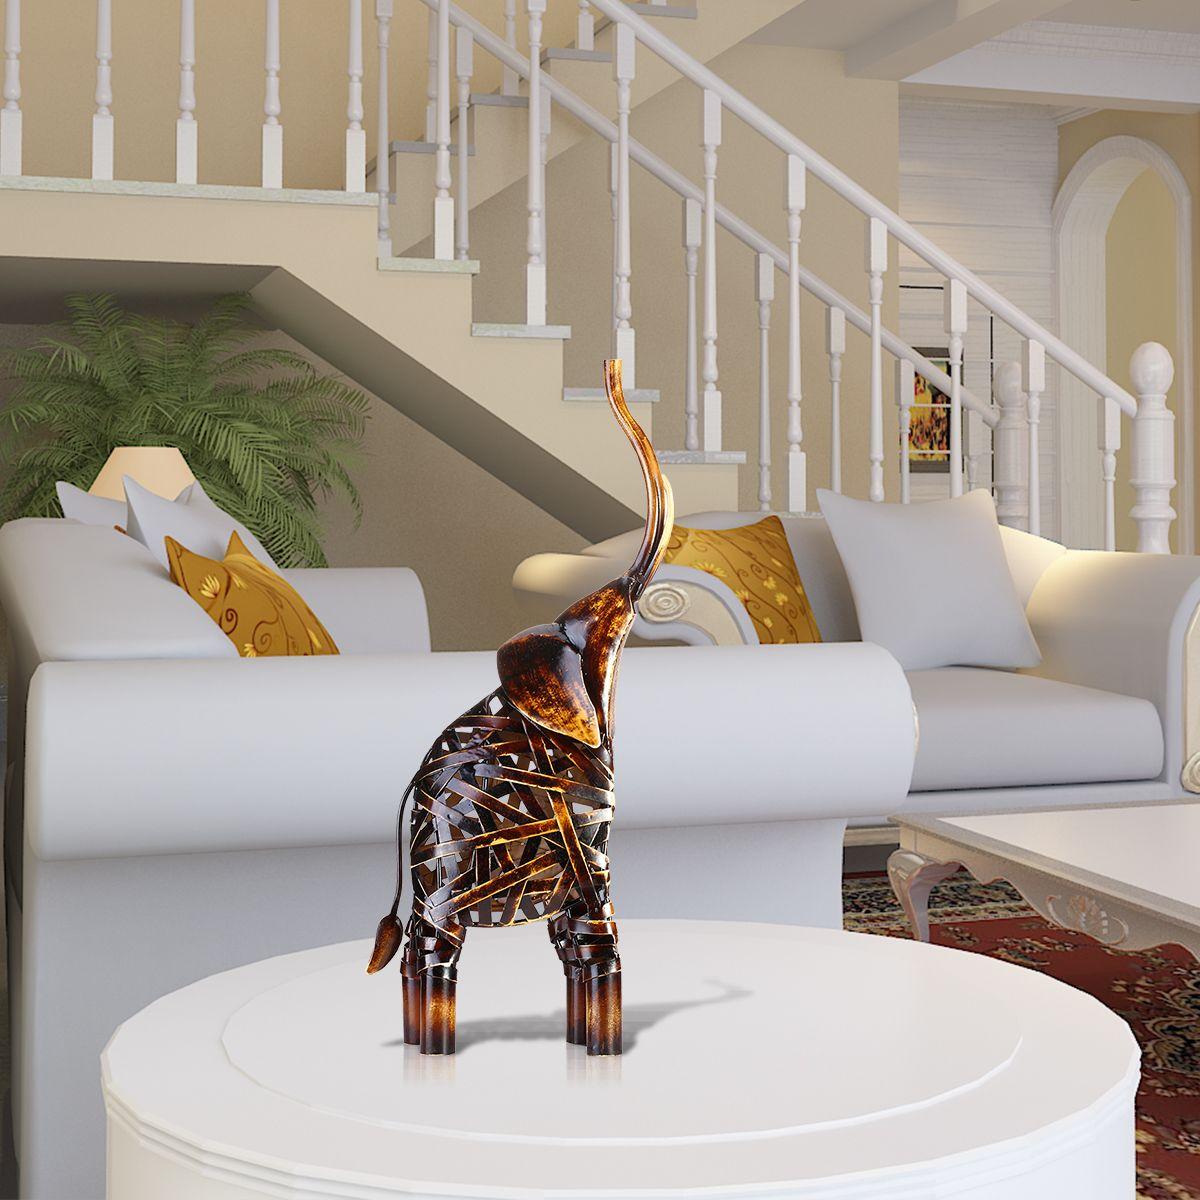 Métal Tissage Oeuvres D'éléphant de Fer À La Main Éléphant Sculpture Décoration de La Maison Artisanat Animal Sculpture Décorative Travail Manuel